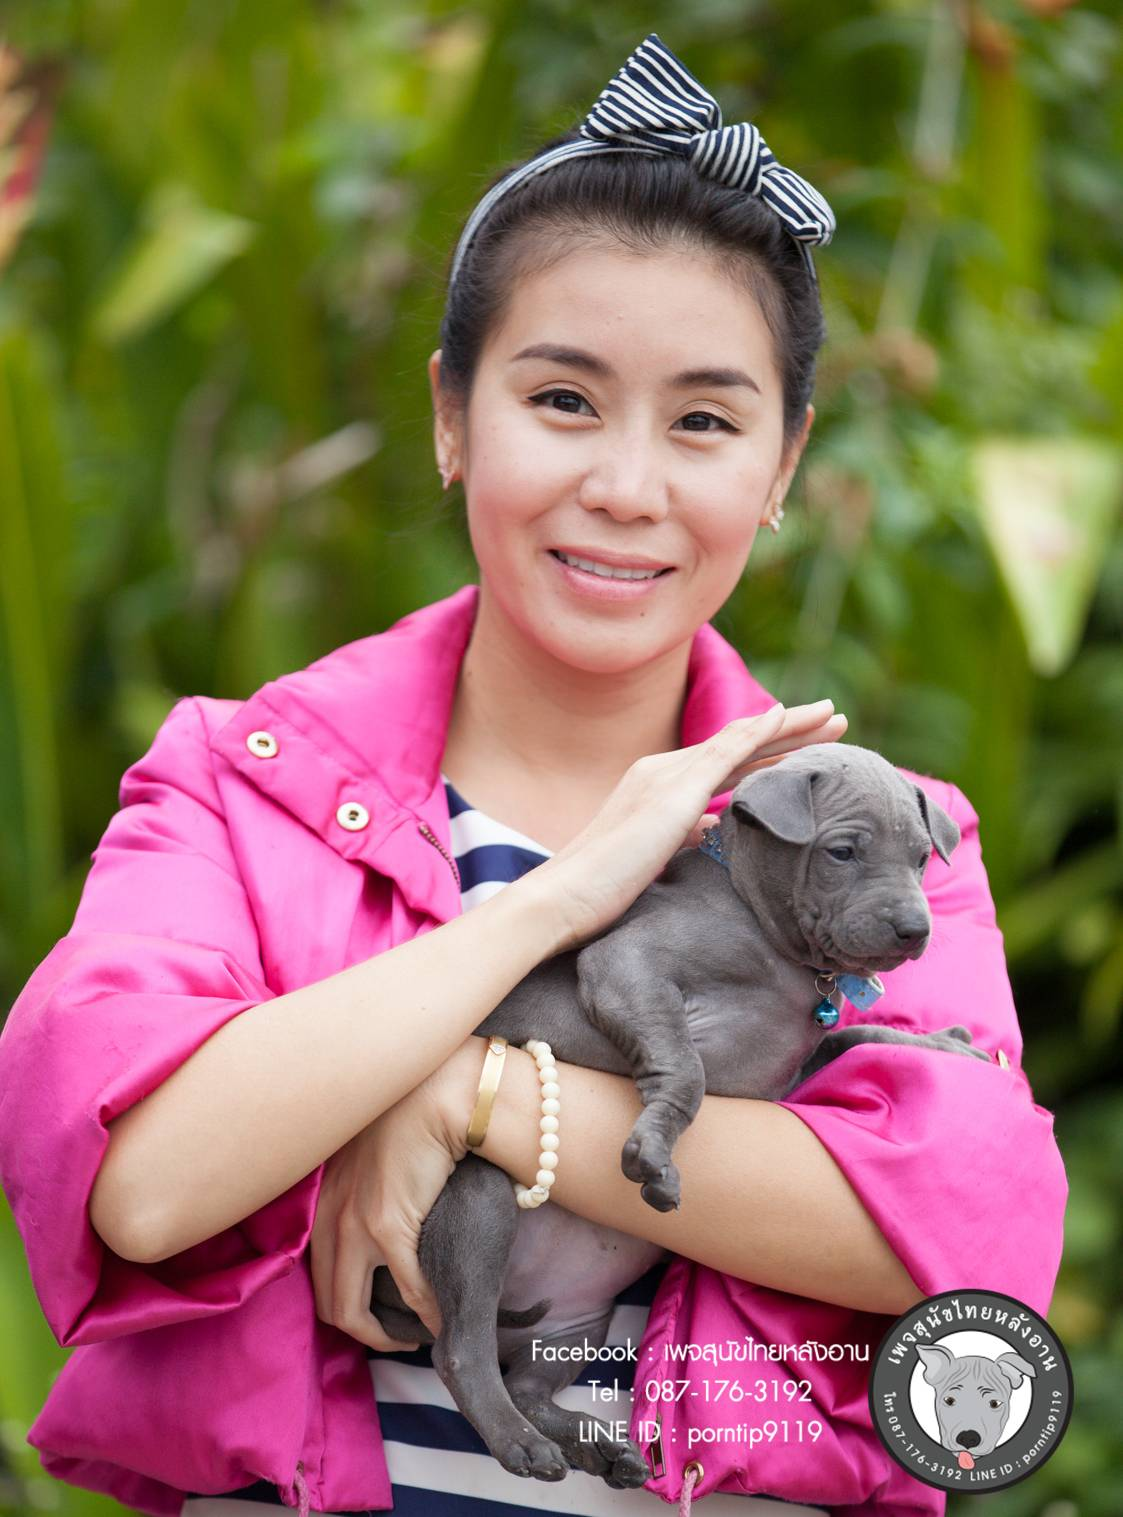 สุนัขไทยหลังอานเกรดสวยสายเลือดตราดแท้ โทร 0871763192,TRD,thairidgeback,thairidgebackdog, blue thairidgeback , red thairidgeback , ISABELLA , FEMALE , MALE, พรทิพย์เชียงรายฟาร์ม, สายเอกลักษณ์,แนะนำสุนัขไทยหลังอาน,ไทยหลังอานมีใบเพ็ดดีกรี,ซื้อหมา,ขายหมา,หมาไทย,หมาไทยหลังอาน,หมาไทยตราด,หมาหลังอานสวย,นิสัยหมาหลังอาน  ,ราคาหมาหลังอาน,  สุนัขไทยหลังอาน  ,   ขายสุนัขไทยหลังอาน  ,  ลูกสุนัขไทยหลังอาน ,  จำหน่ายสุนัขไทยหลังอาน ,  ไทยหลังอานราคา   , ไทยหลังอานนิสัย  ,    หมาไทยหลังอานแท้  ,   หมาหลังอานแท้  ,    หลังอานป้าสมคิด  ,  คอกสุนัขไทยหลังอาน   ,  ฟาร์มสุนัขไทยหลังอาน ,  หลังอานพรทิพย์ ,พรทิพย์ไทยหลังอาน,  สุนัขไทยหลังอานเชียงราย,เชียงรายไทยหลังอาน,ภาคเหนือไทยหลังอาน,ไทยหลังอานภาคเหนือ,แม่สายไทย�